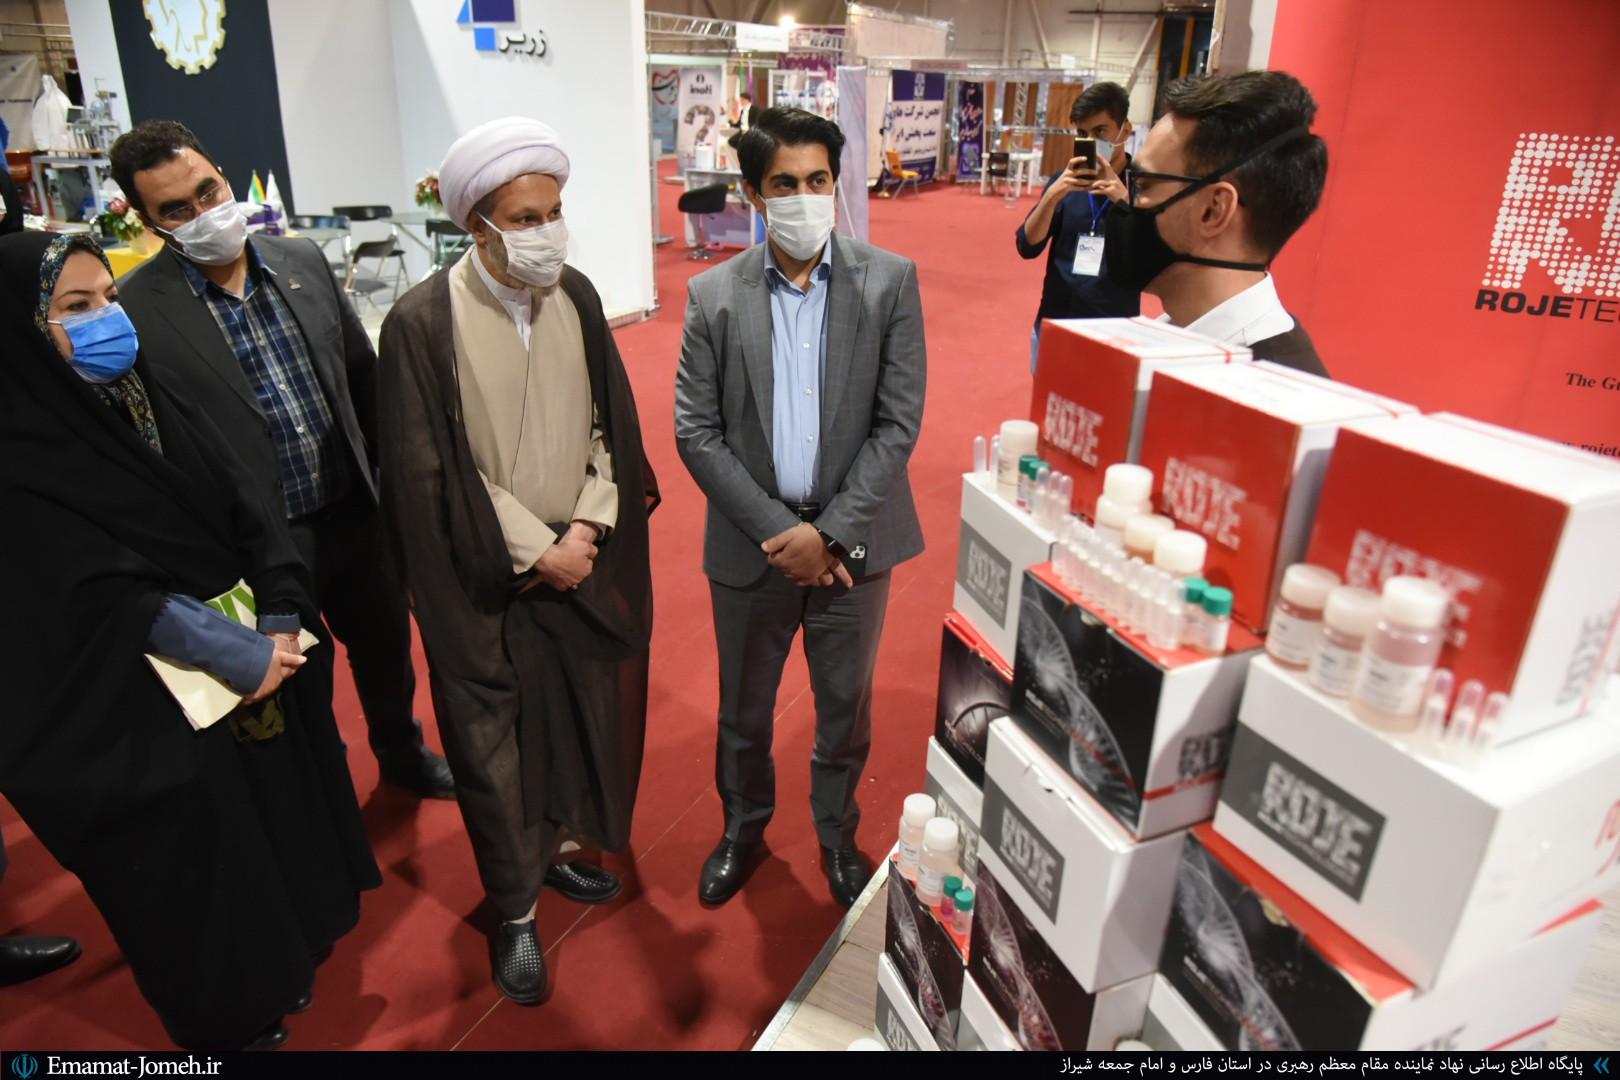 بازدید آیت الله دژکام از اولین نمایشگاه محصولات مبارزه با کرونا